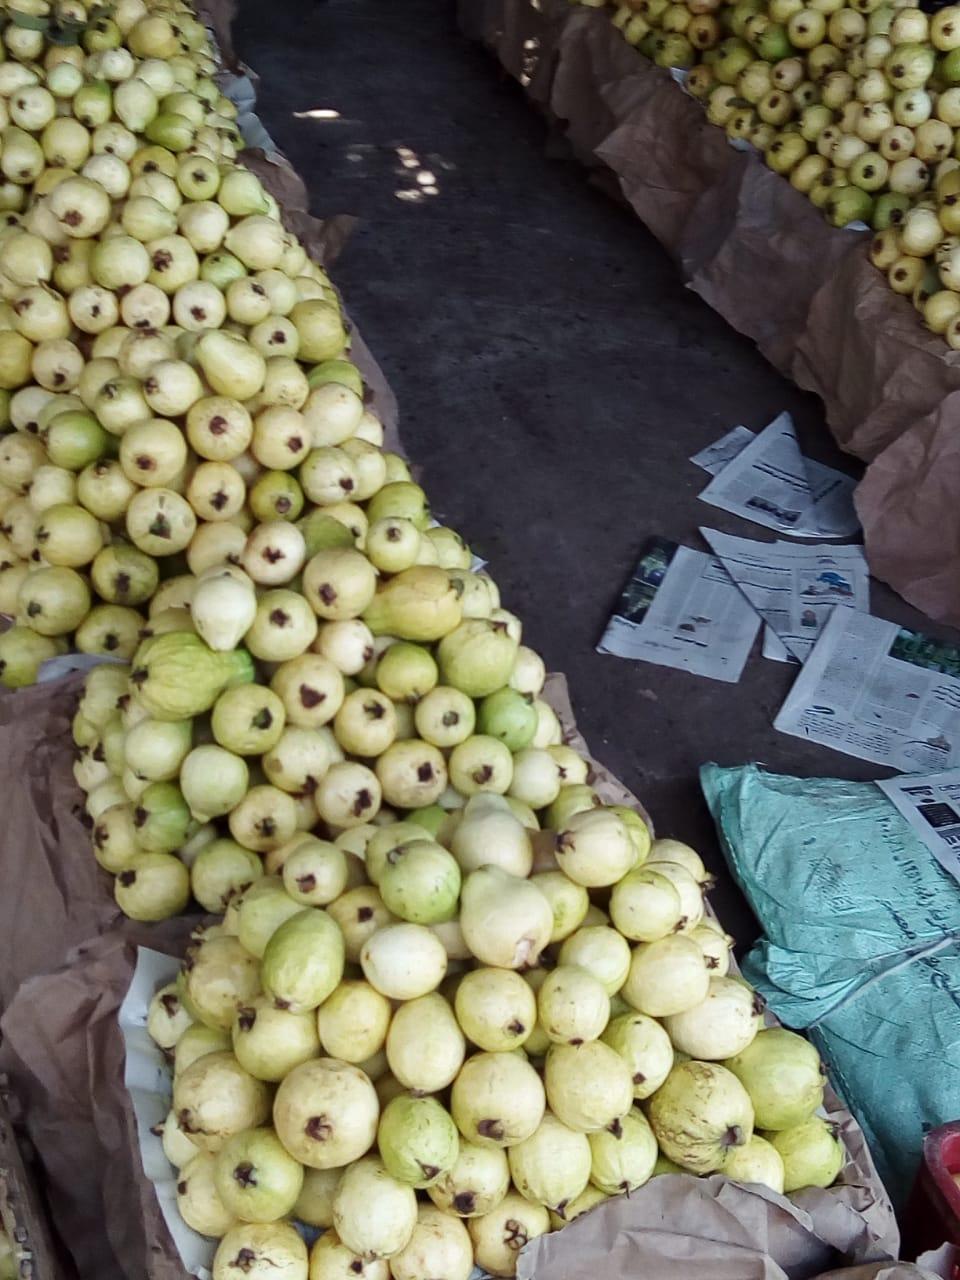 جنى محصول الجوافة (16)